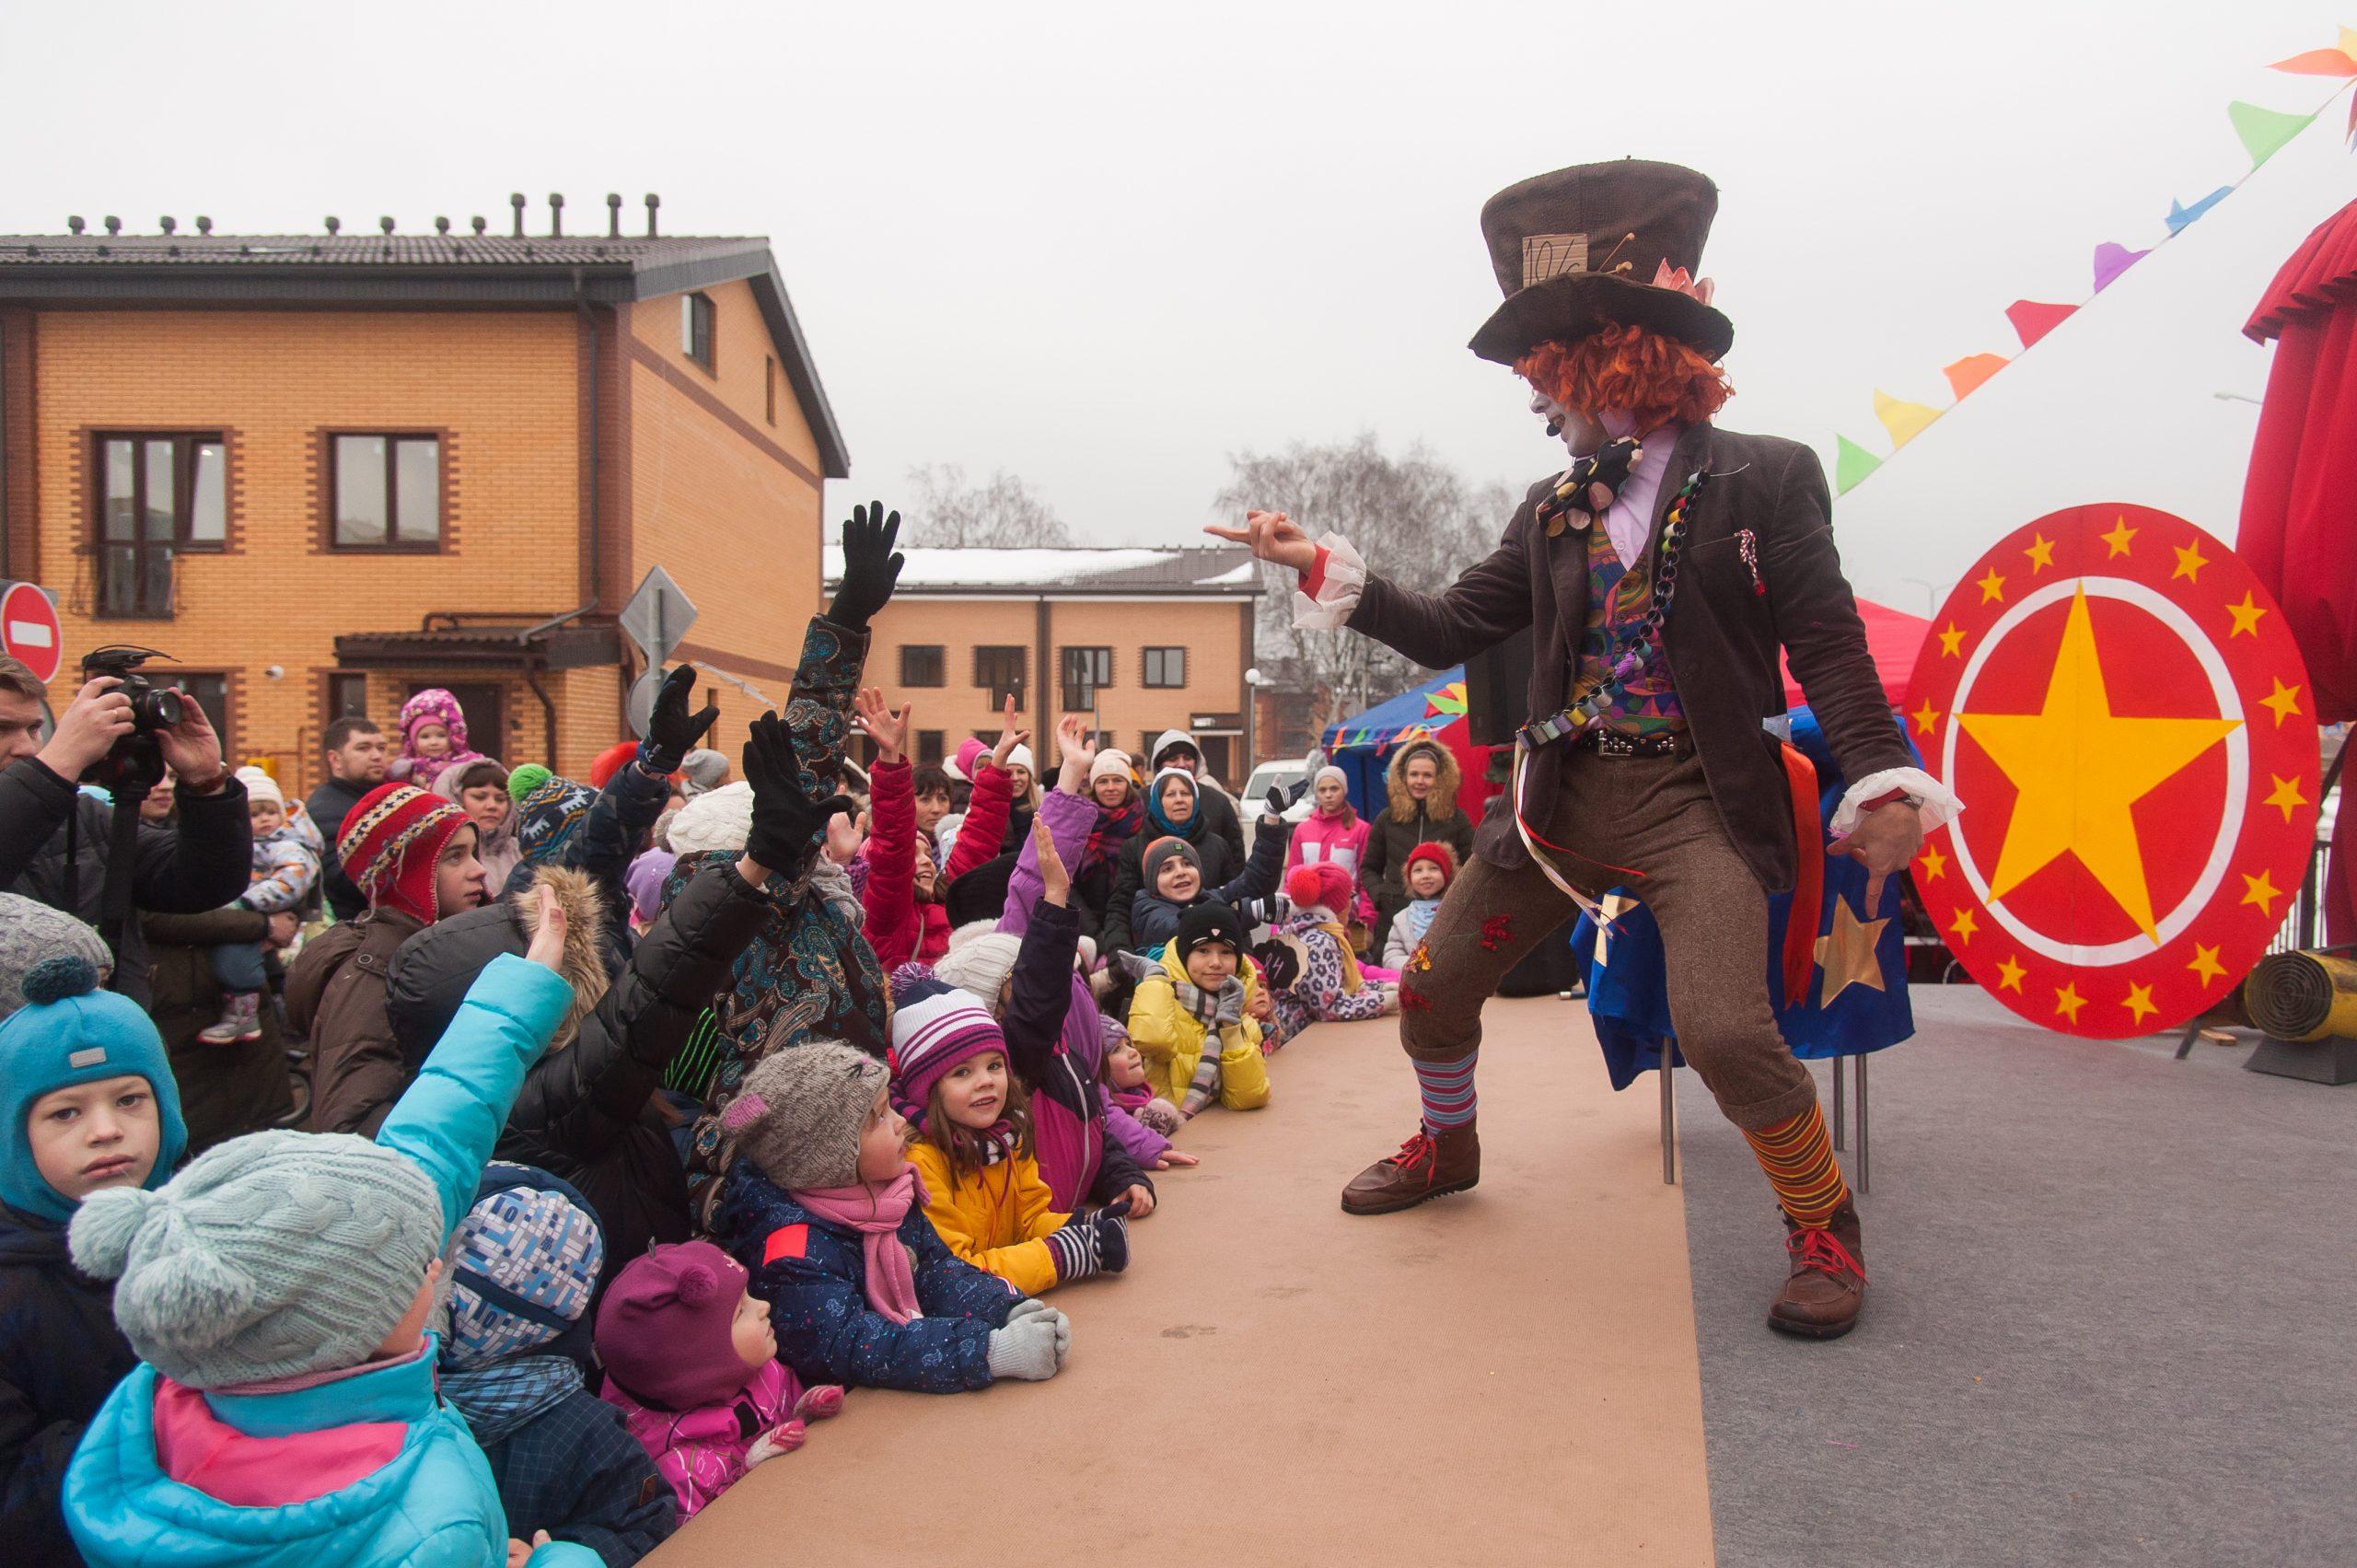 Фокусник Шляпник выступает на сцене перед детьми